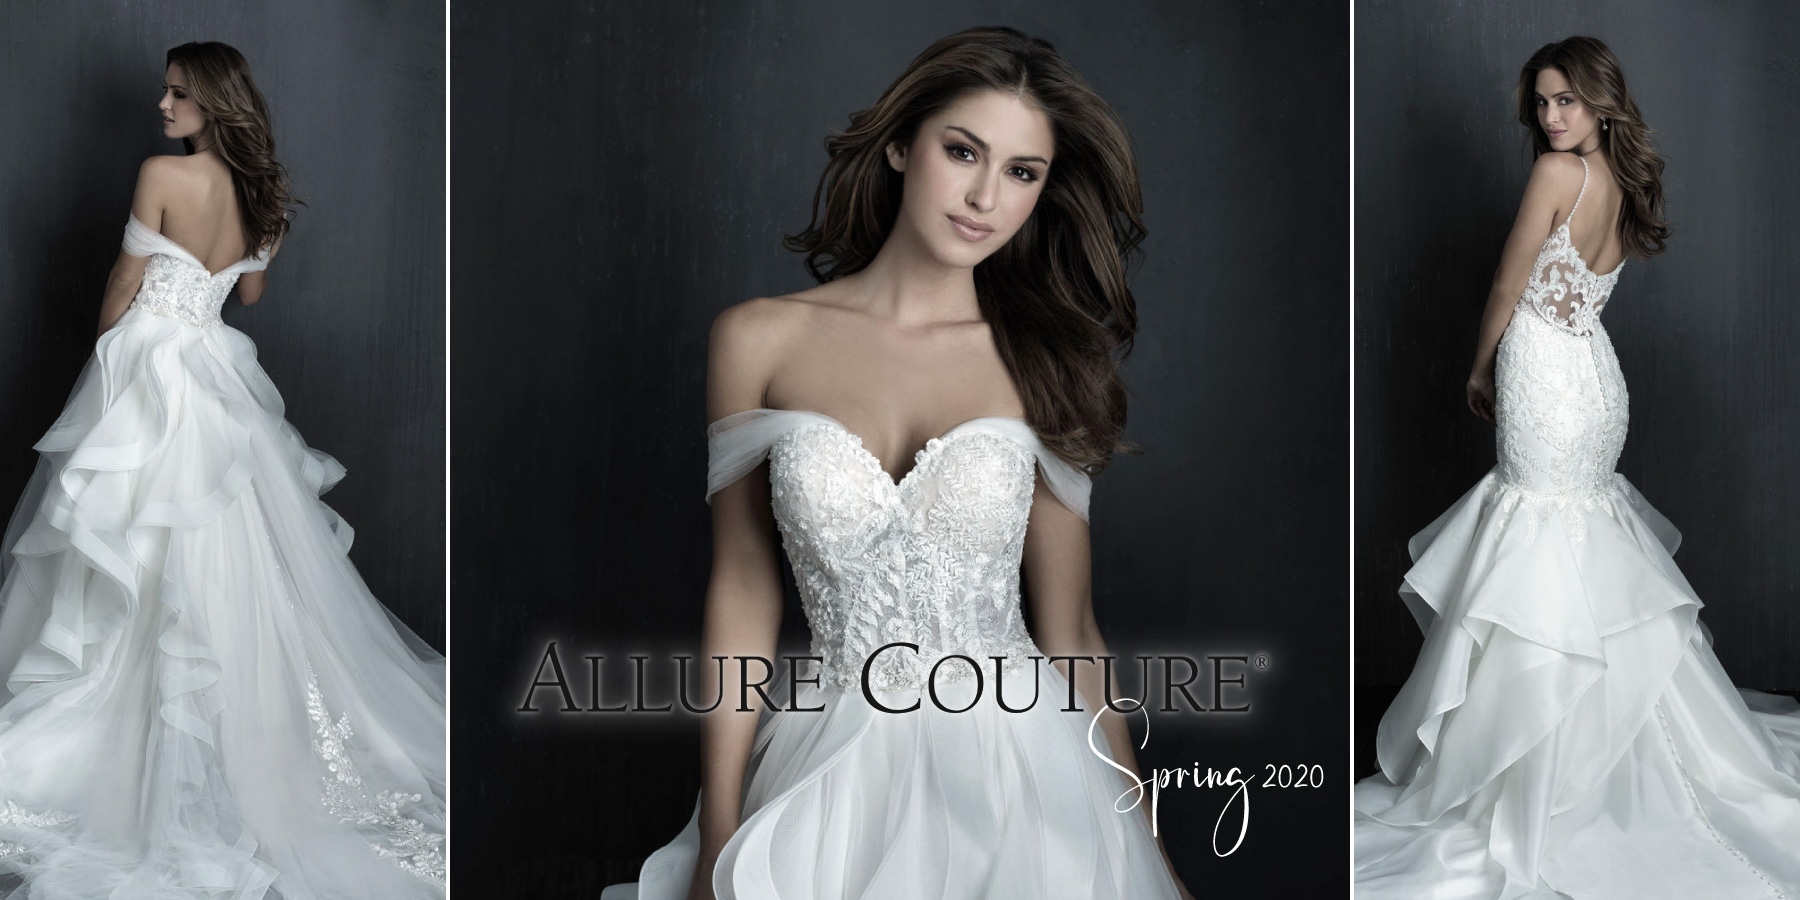 Allure Couture